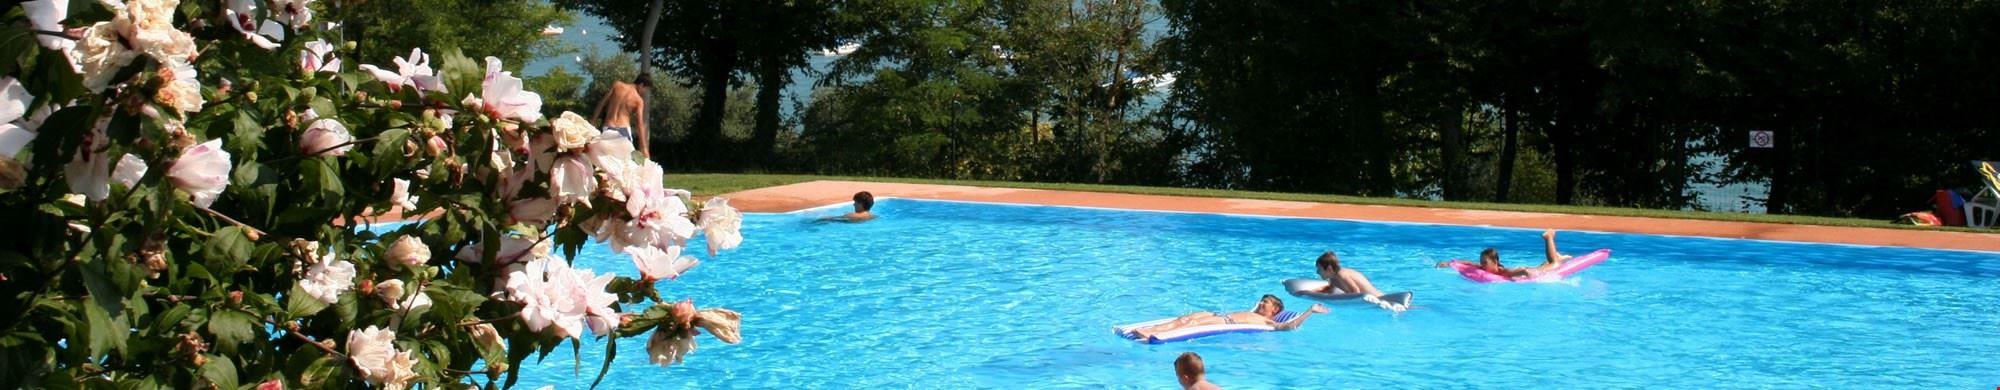 La piscina del Villaggio San Giorgio